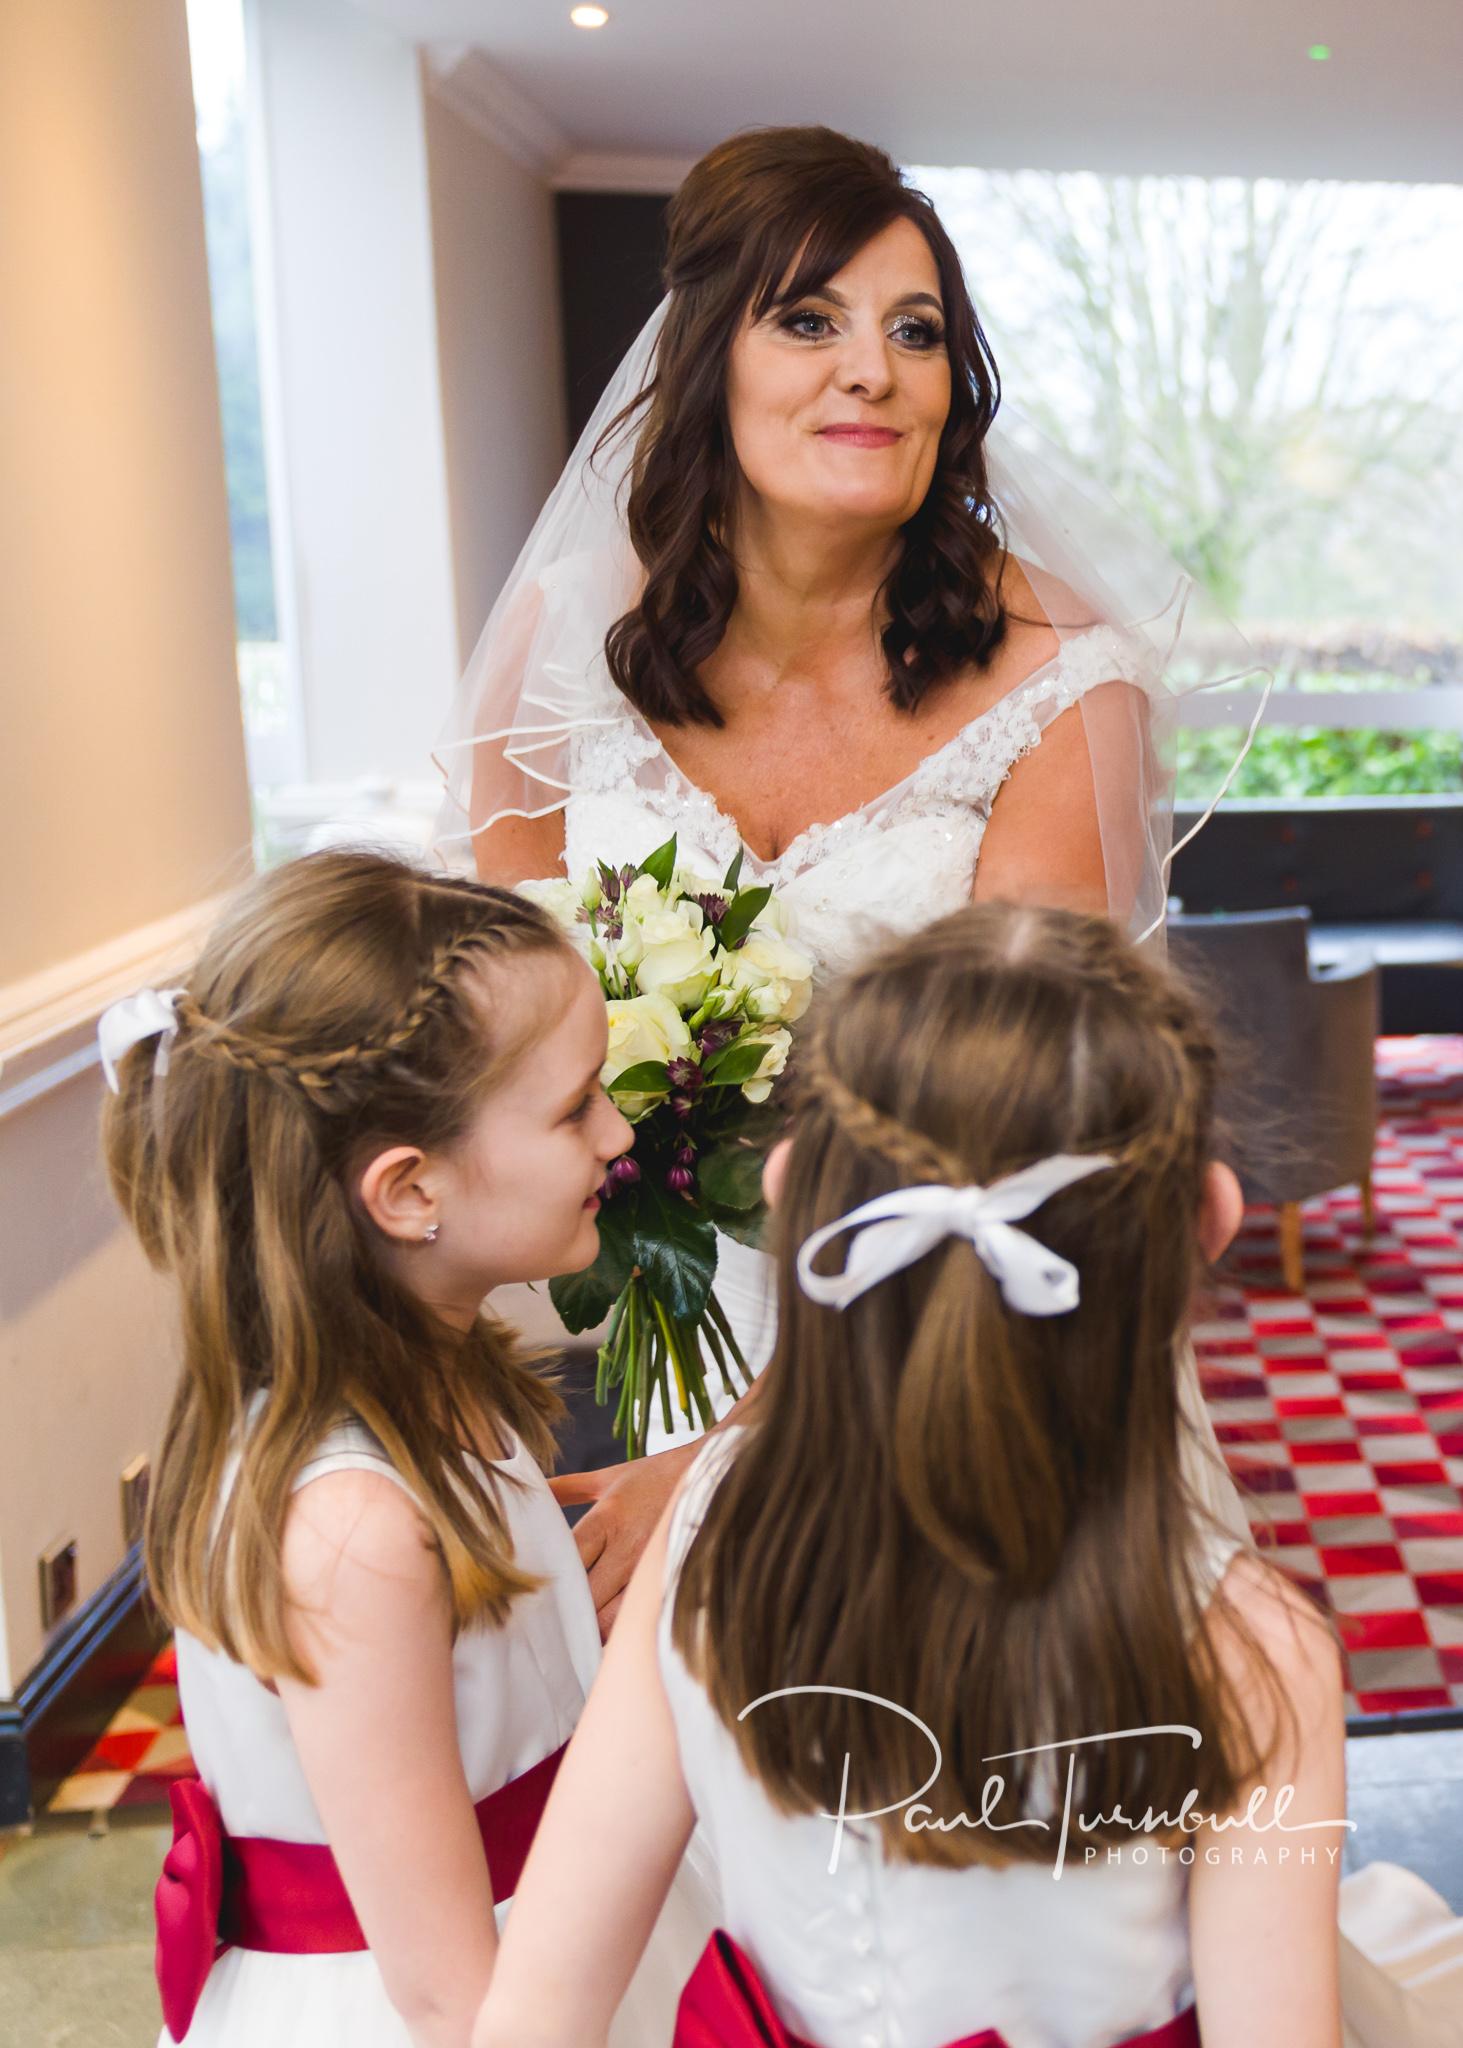 wedding-photographer-leeds-holiday-inn-garforth-022.jpg